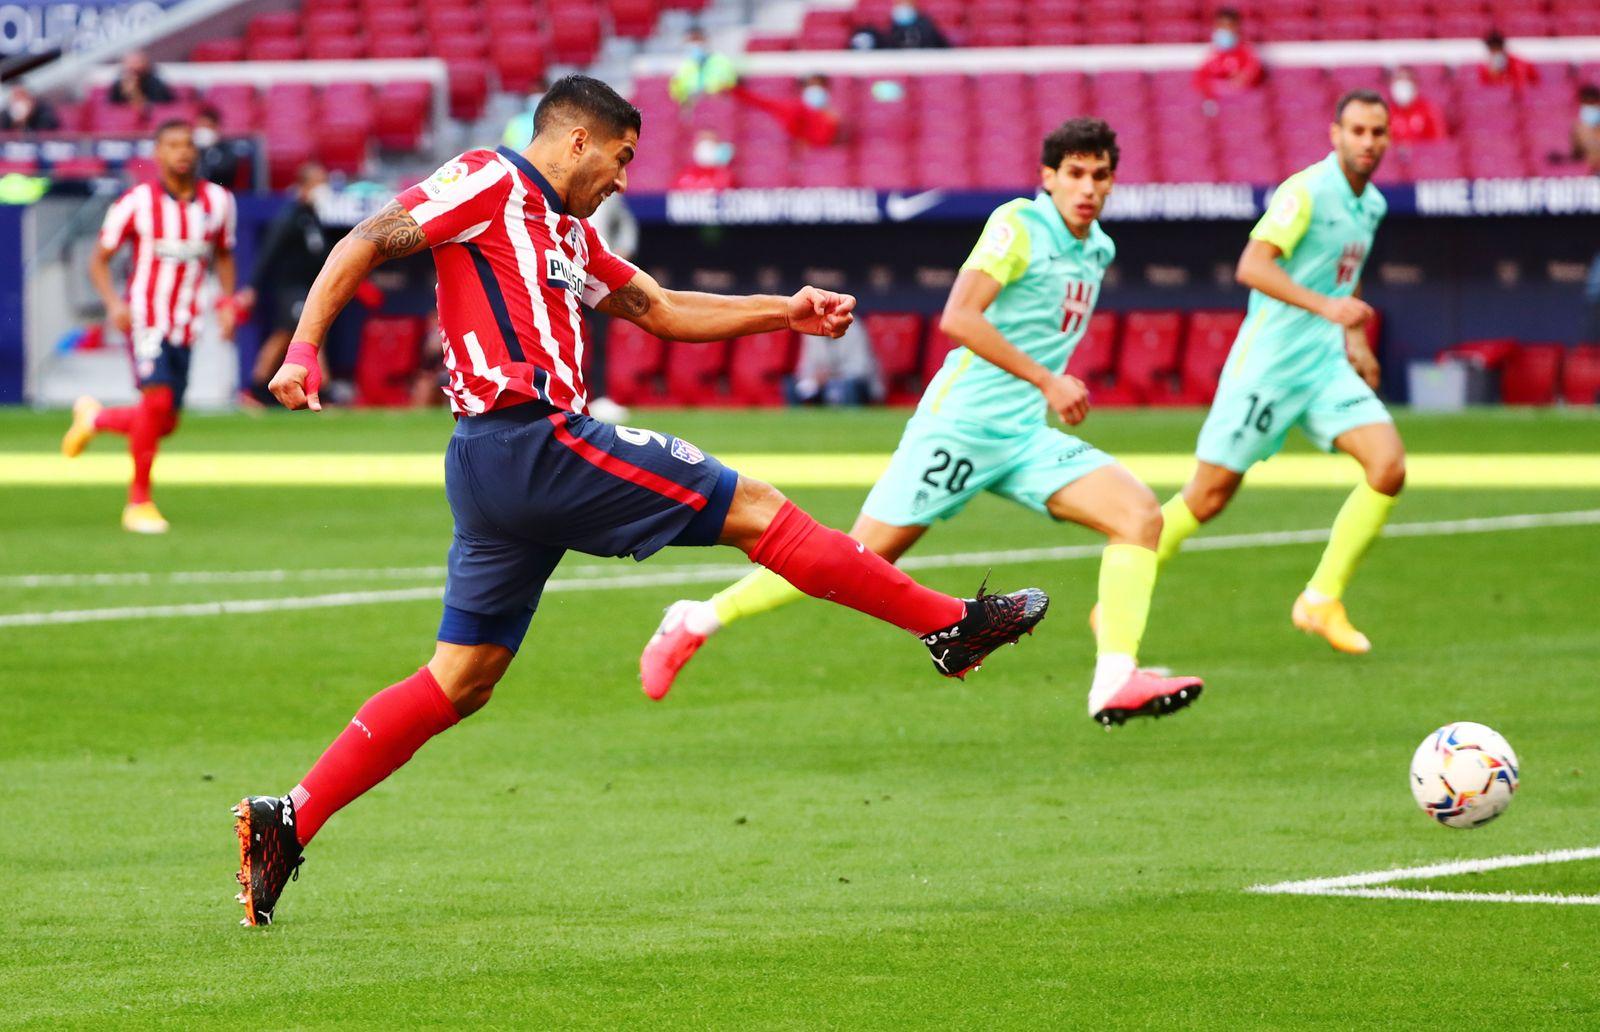 La Liga Santander - Atletico Madrid v Granada